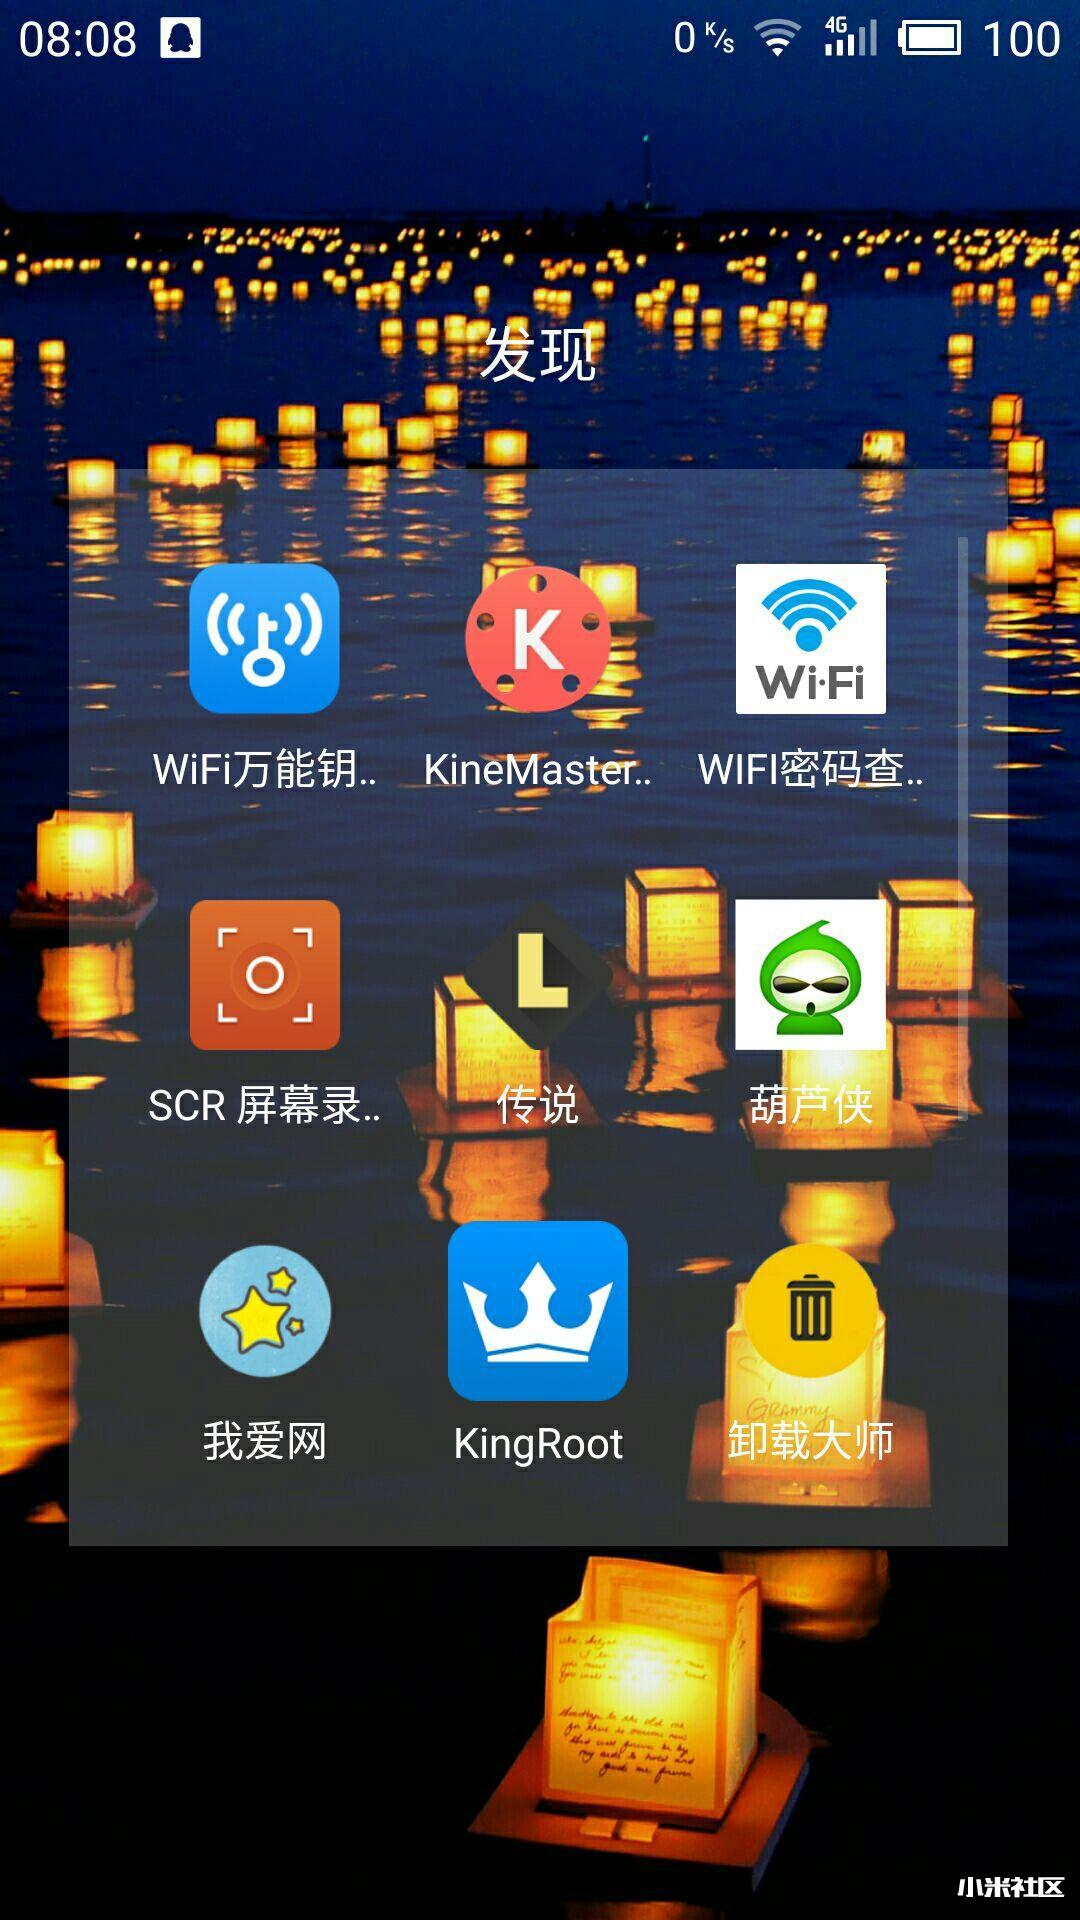 小米手机4桌面图标下的图标名显示不全图片